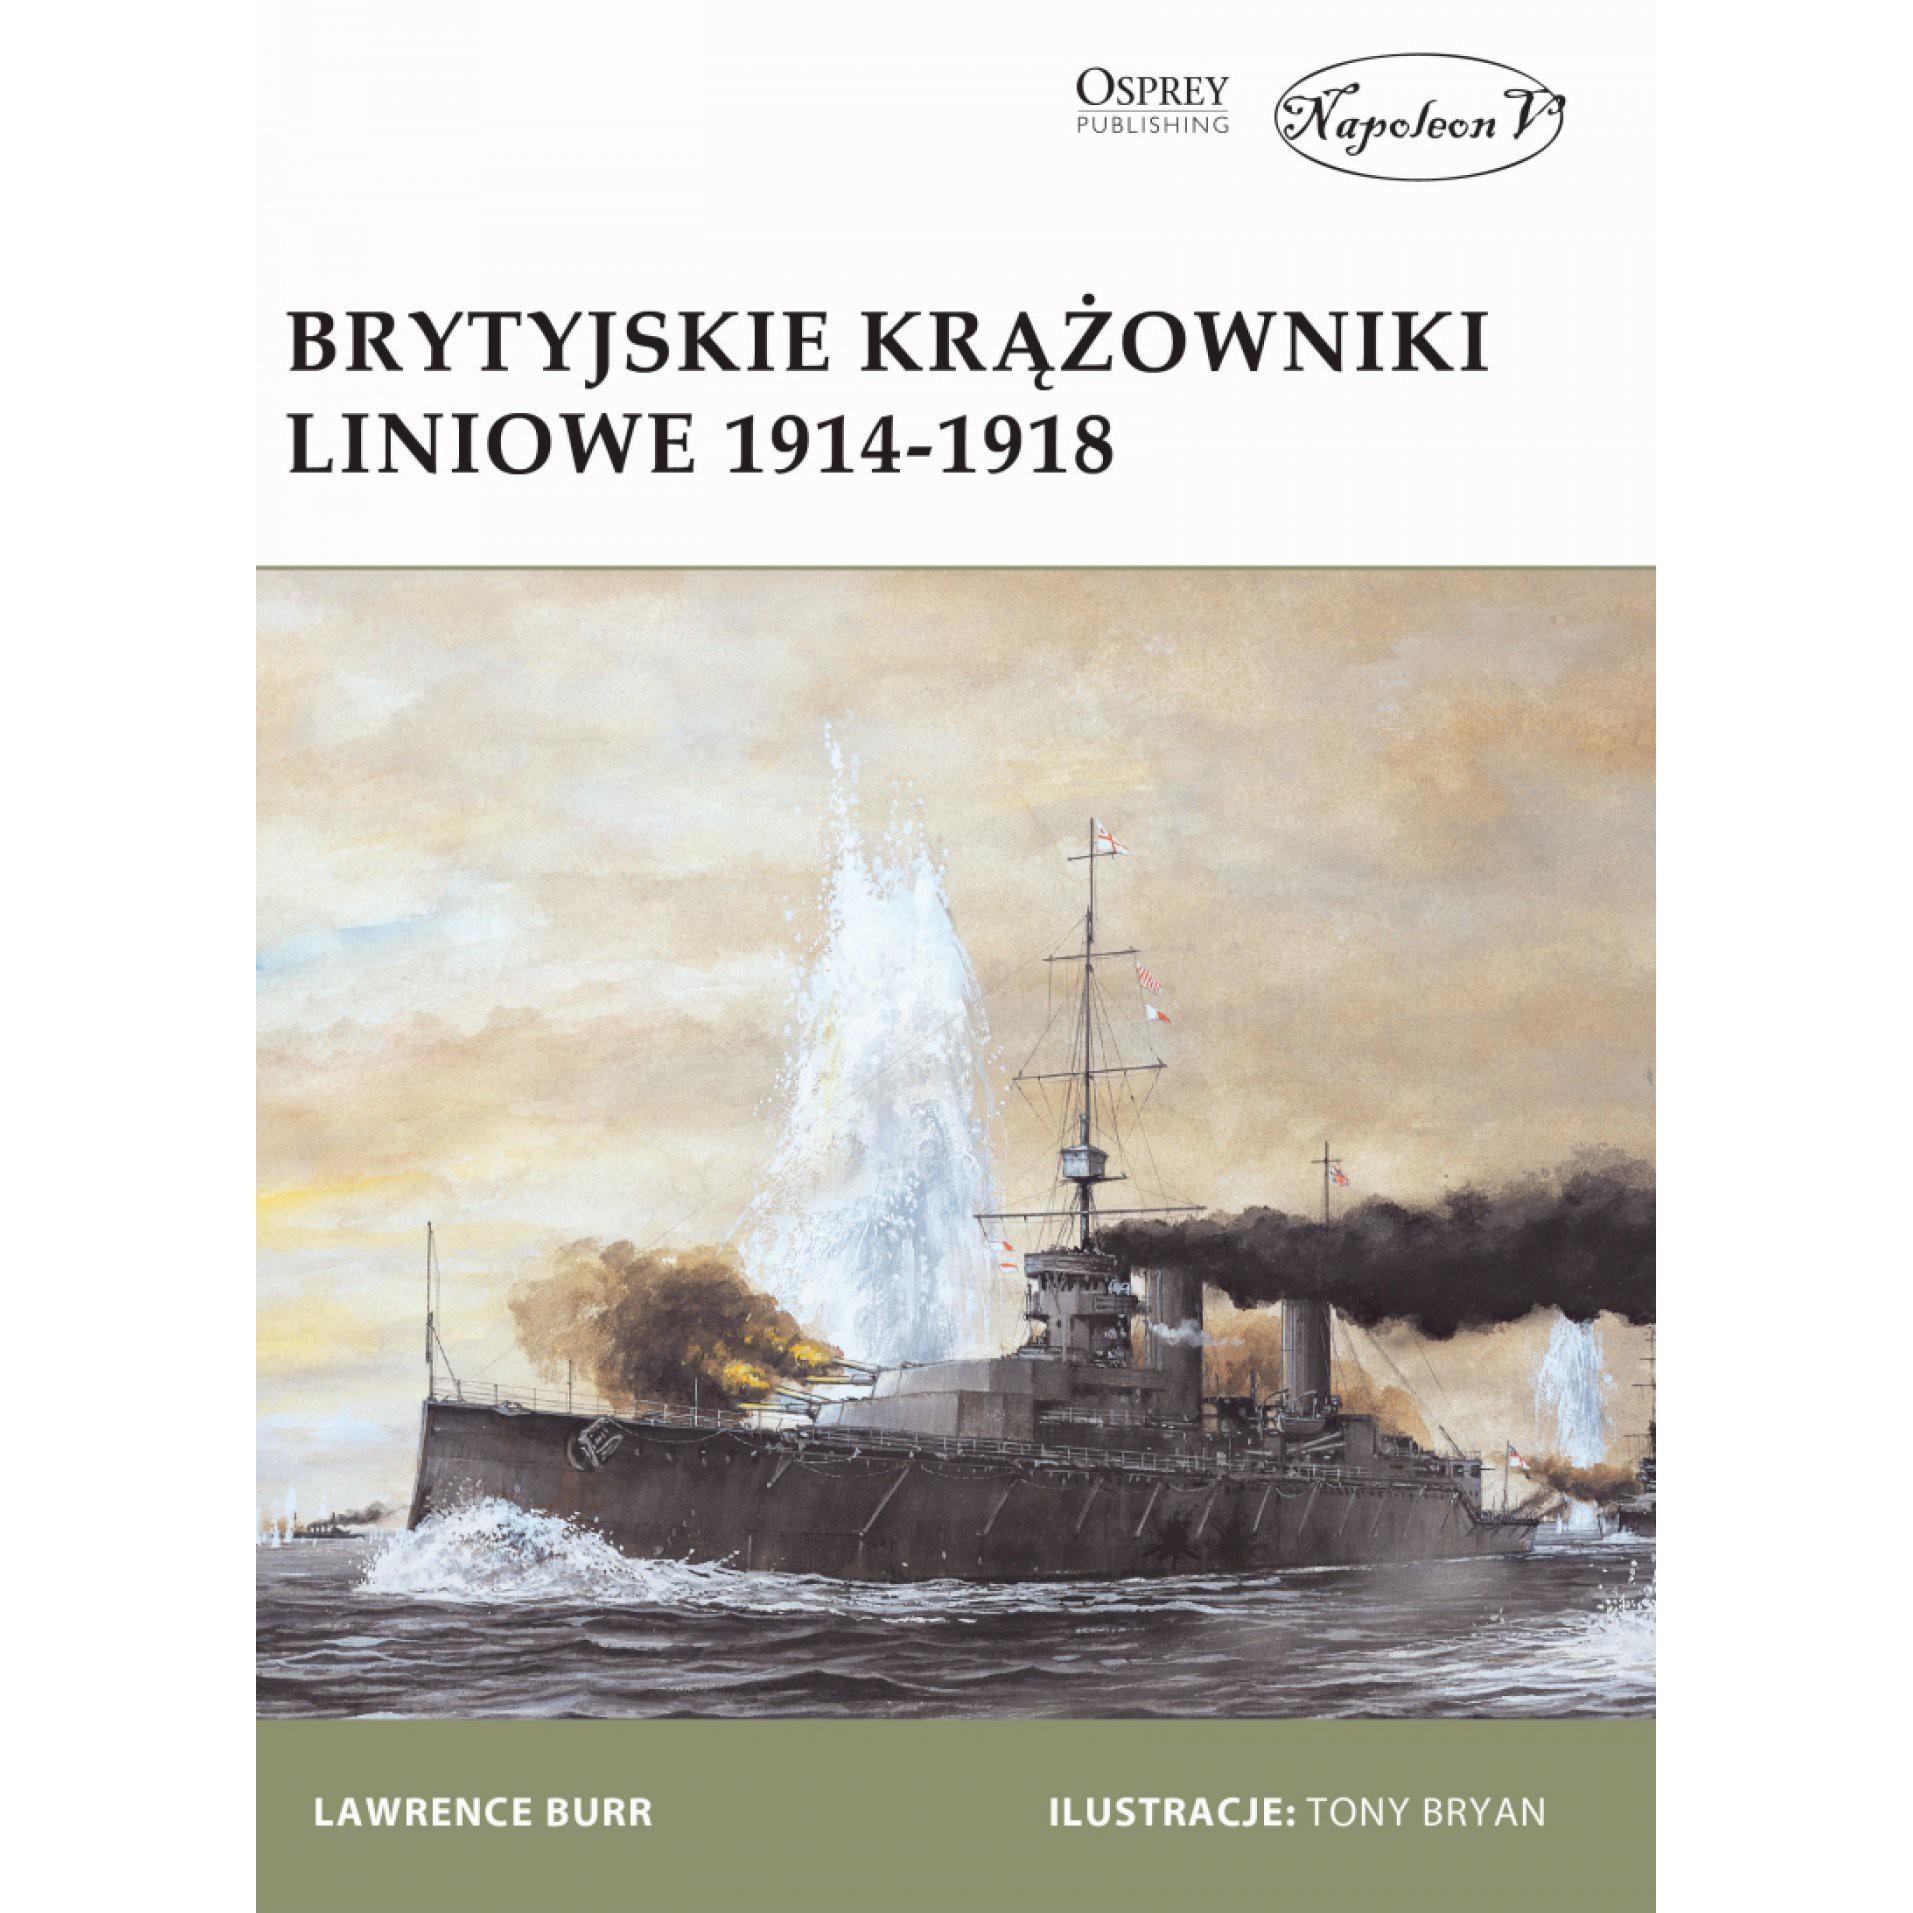 Brytyjskie krążowniki liniowe 1914-1918